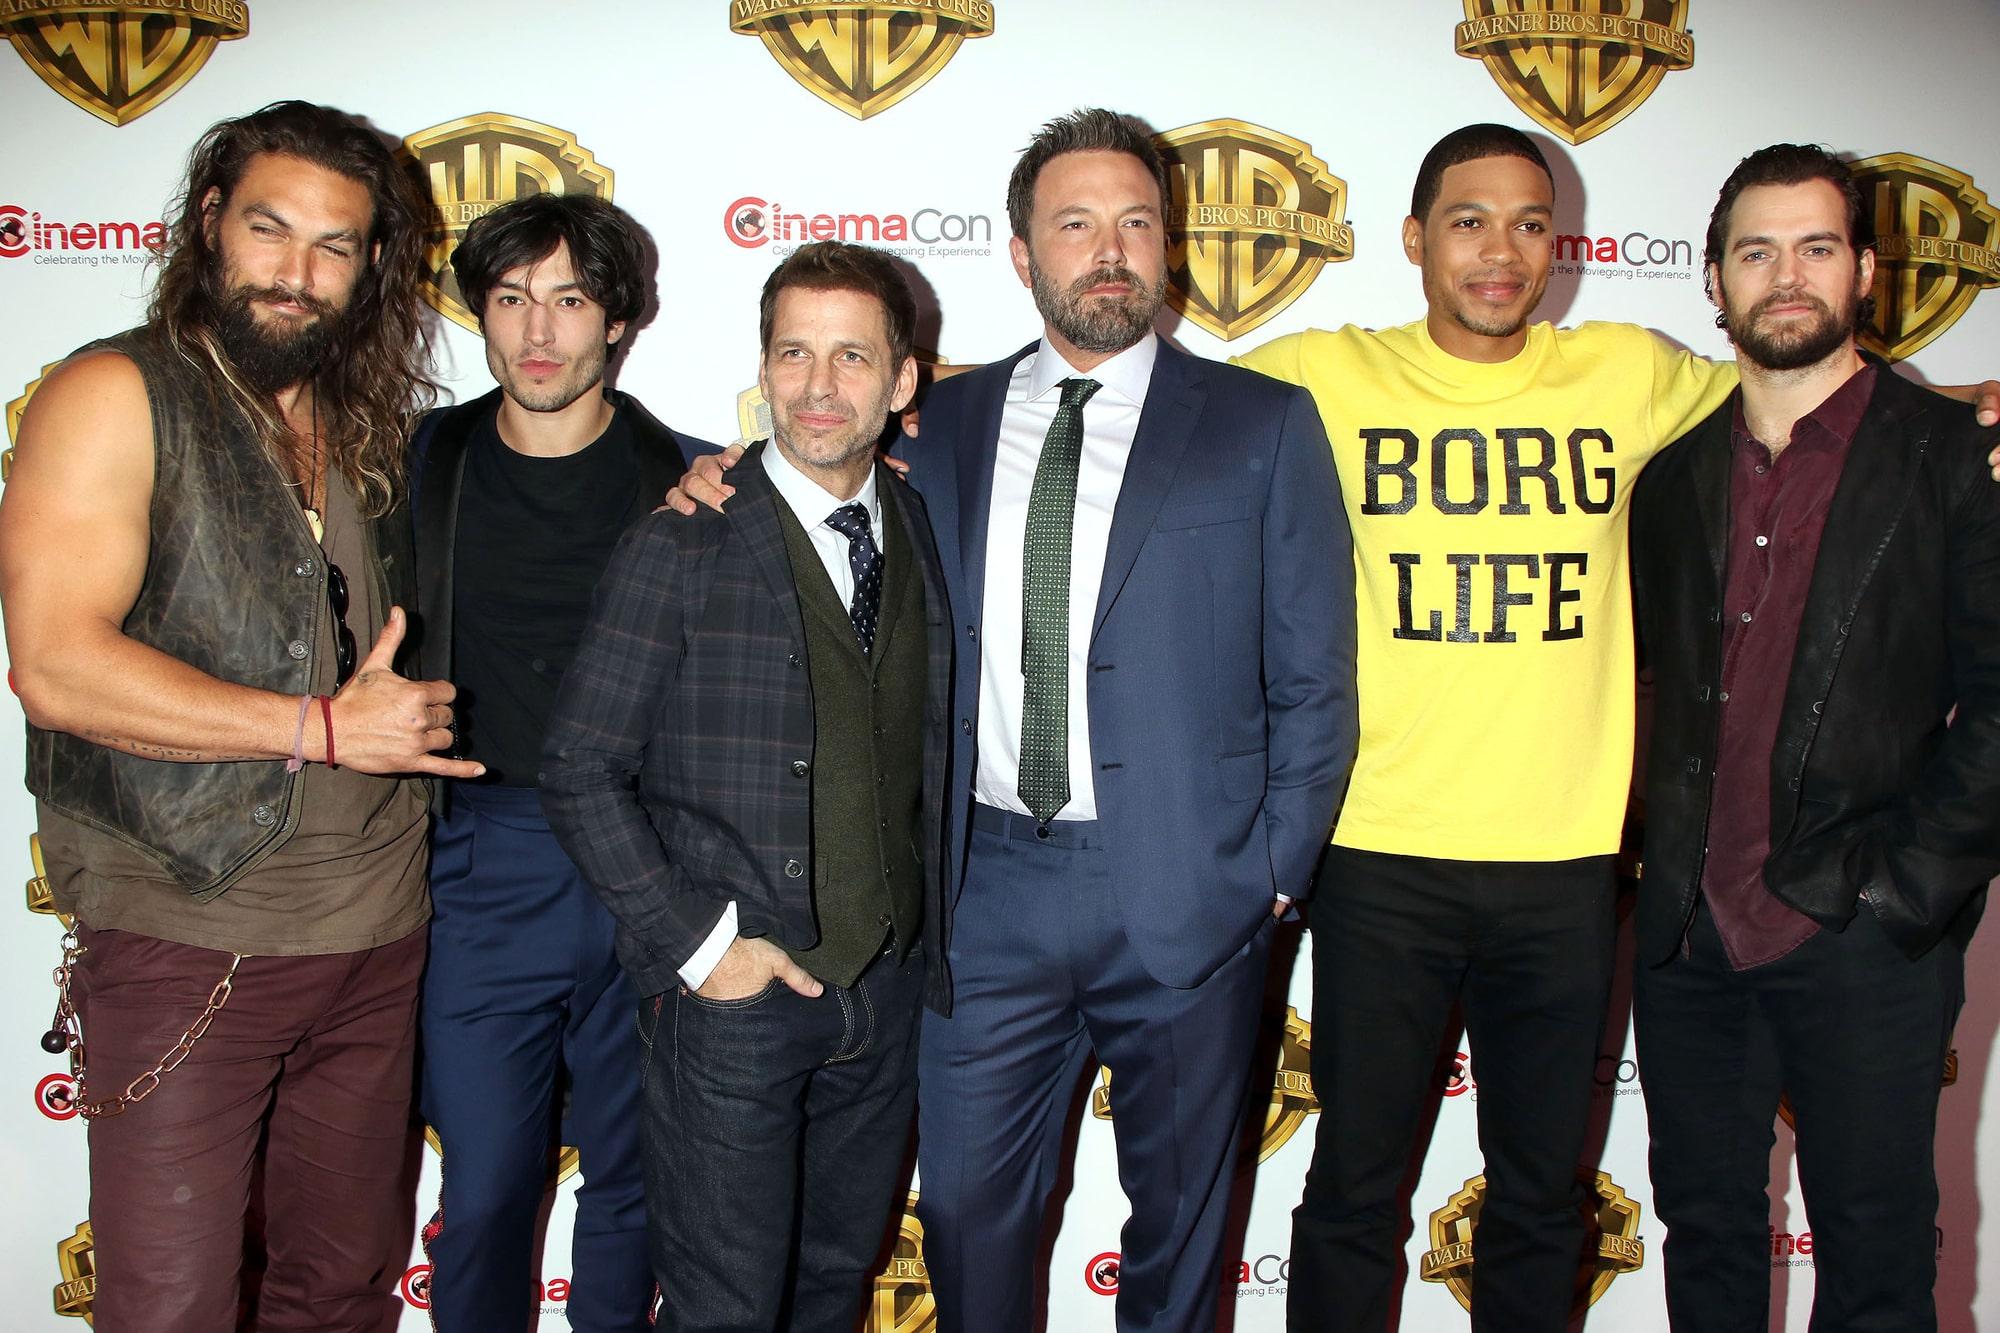 Зак Снайдер объявил дату выхода трейлера фильма «Лига справедливости»